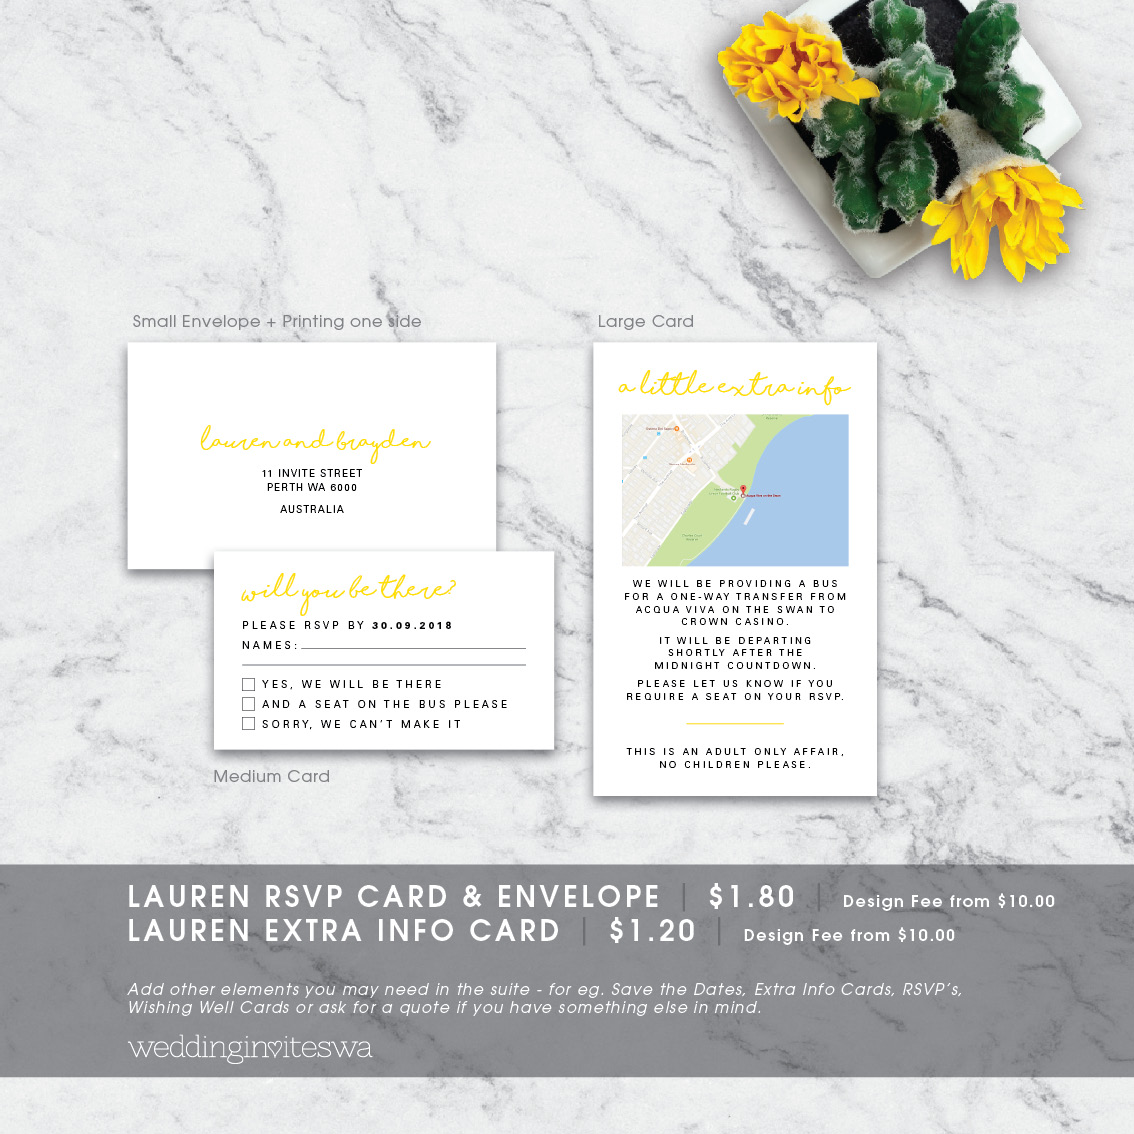 LAUREN_extra cards